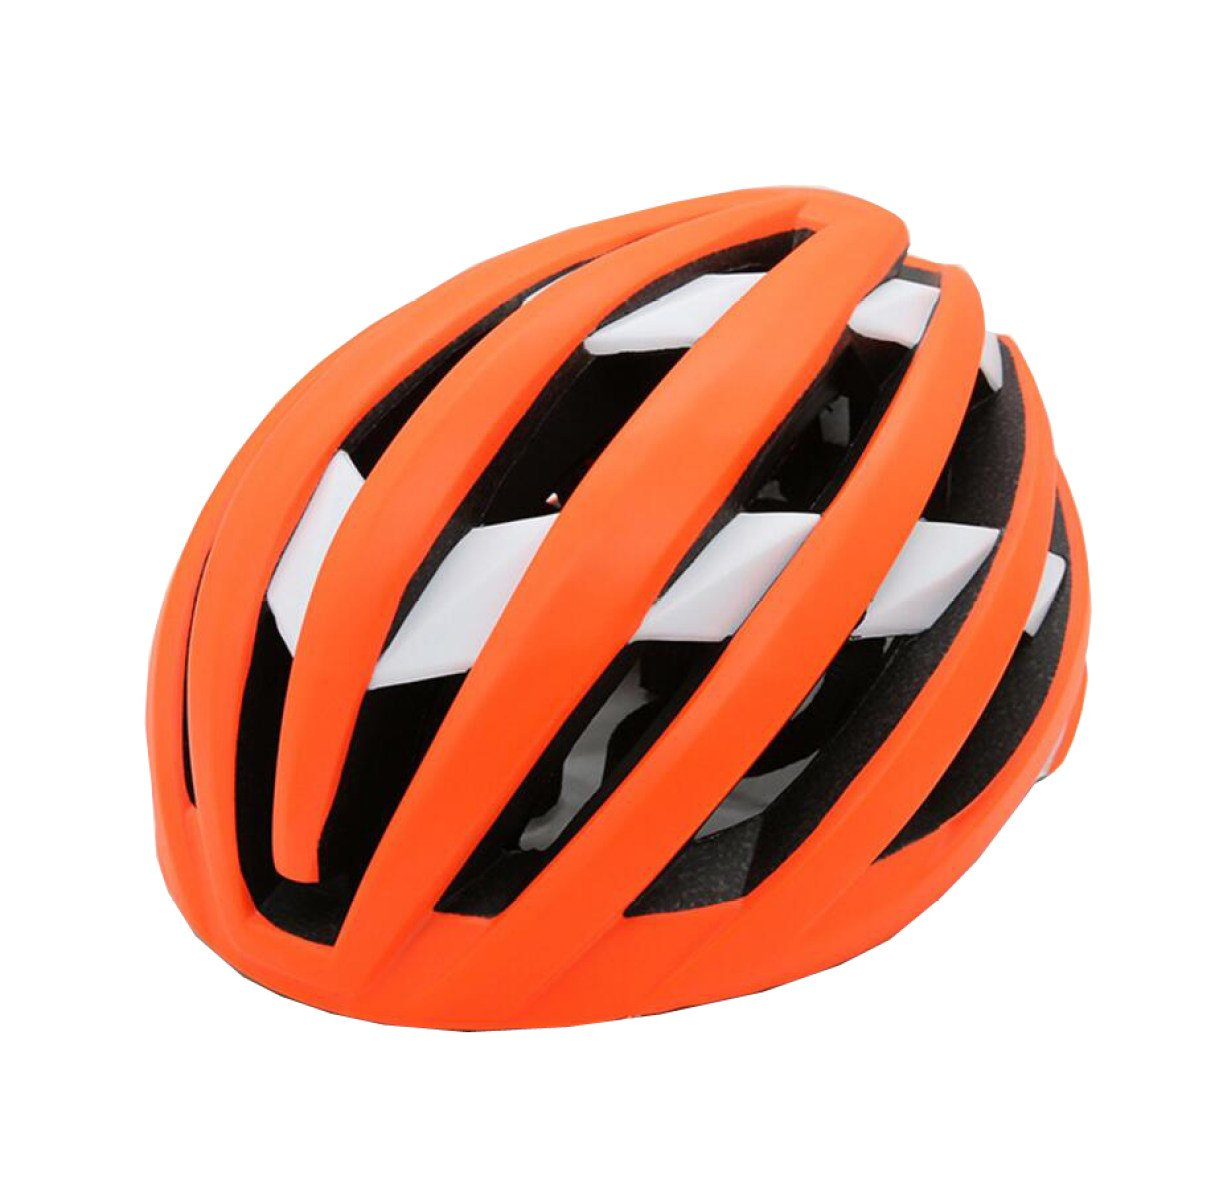 Erwachsene Helm Cross Country Bergstraße Reithelm Integrierte Formen Reiten Liefert Schutzausrüstung,Orange